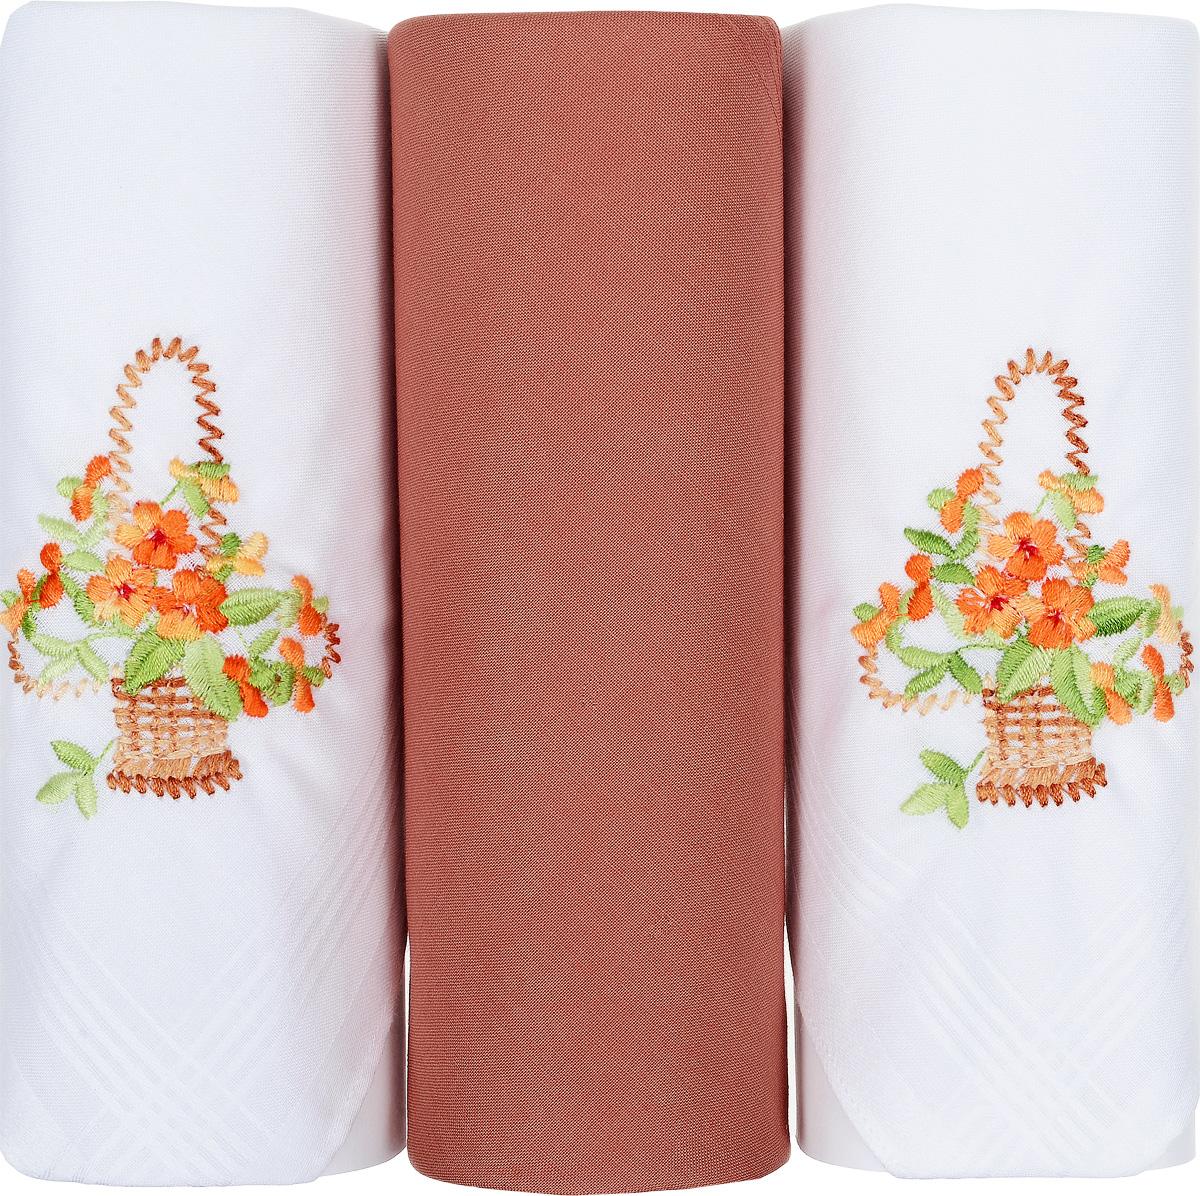 Платок носовой женский Zlata Korunka, цвет: белый, оранжевый, 3 шт. 25605-15. Размер 30 см х 30 см25605-15Небольшой женский носовой платок Zlata Korunka изготовлен из высококачественного натурального хлопка, благодаря чему приятен в использовании, хорошо стирается, не садится и отлично впитывает влагу. Практичный и изящный носовой платок будет незаменим в повседневной жизни любого современного человека. Такой платок послужит стильным аксессуаром и подчеркнет ваше превосходное чувство вкуса. В комплекте 3 платка.